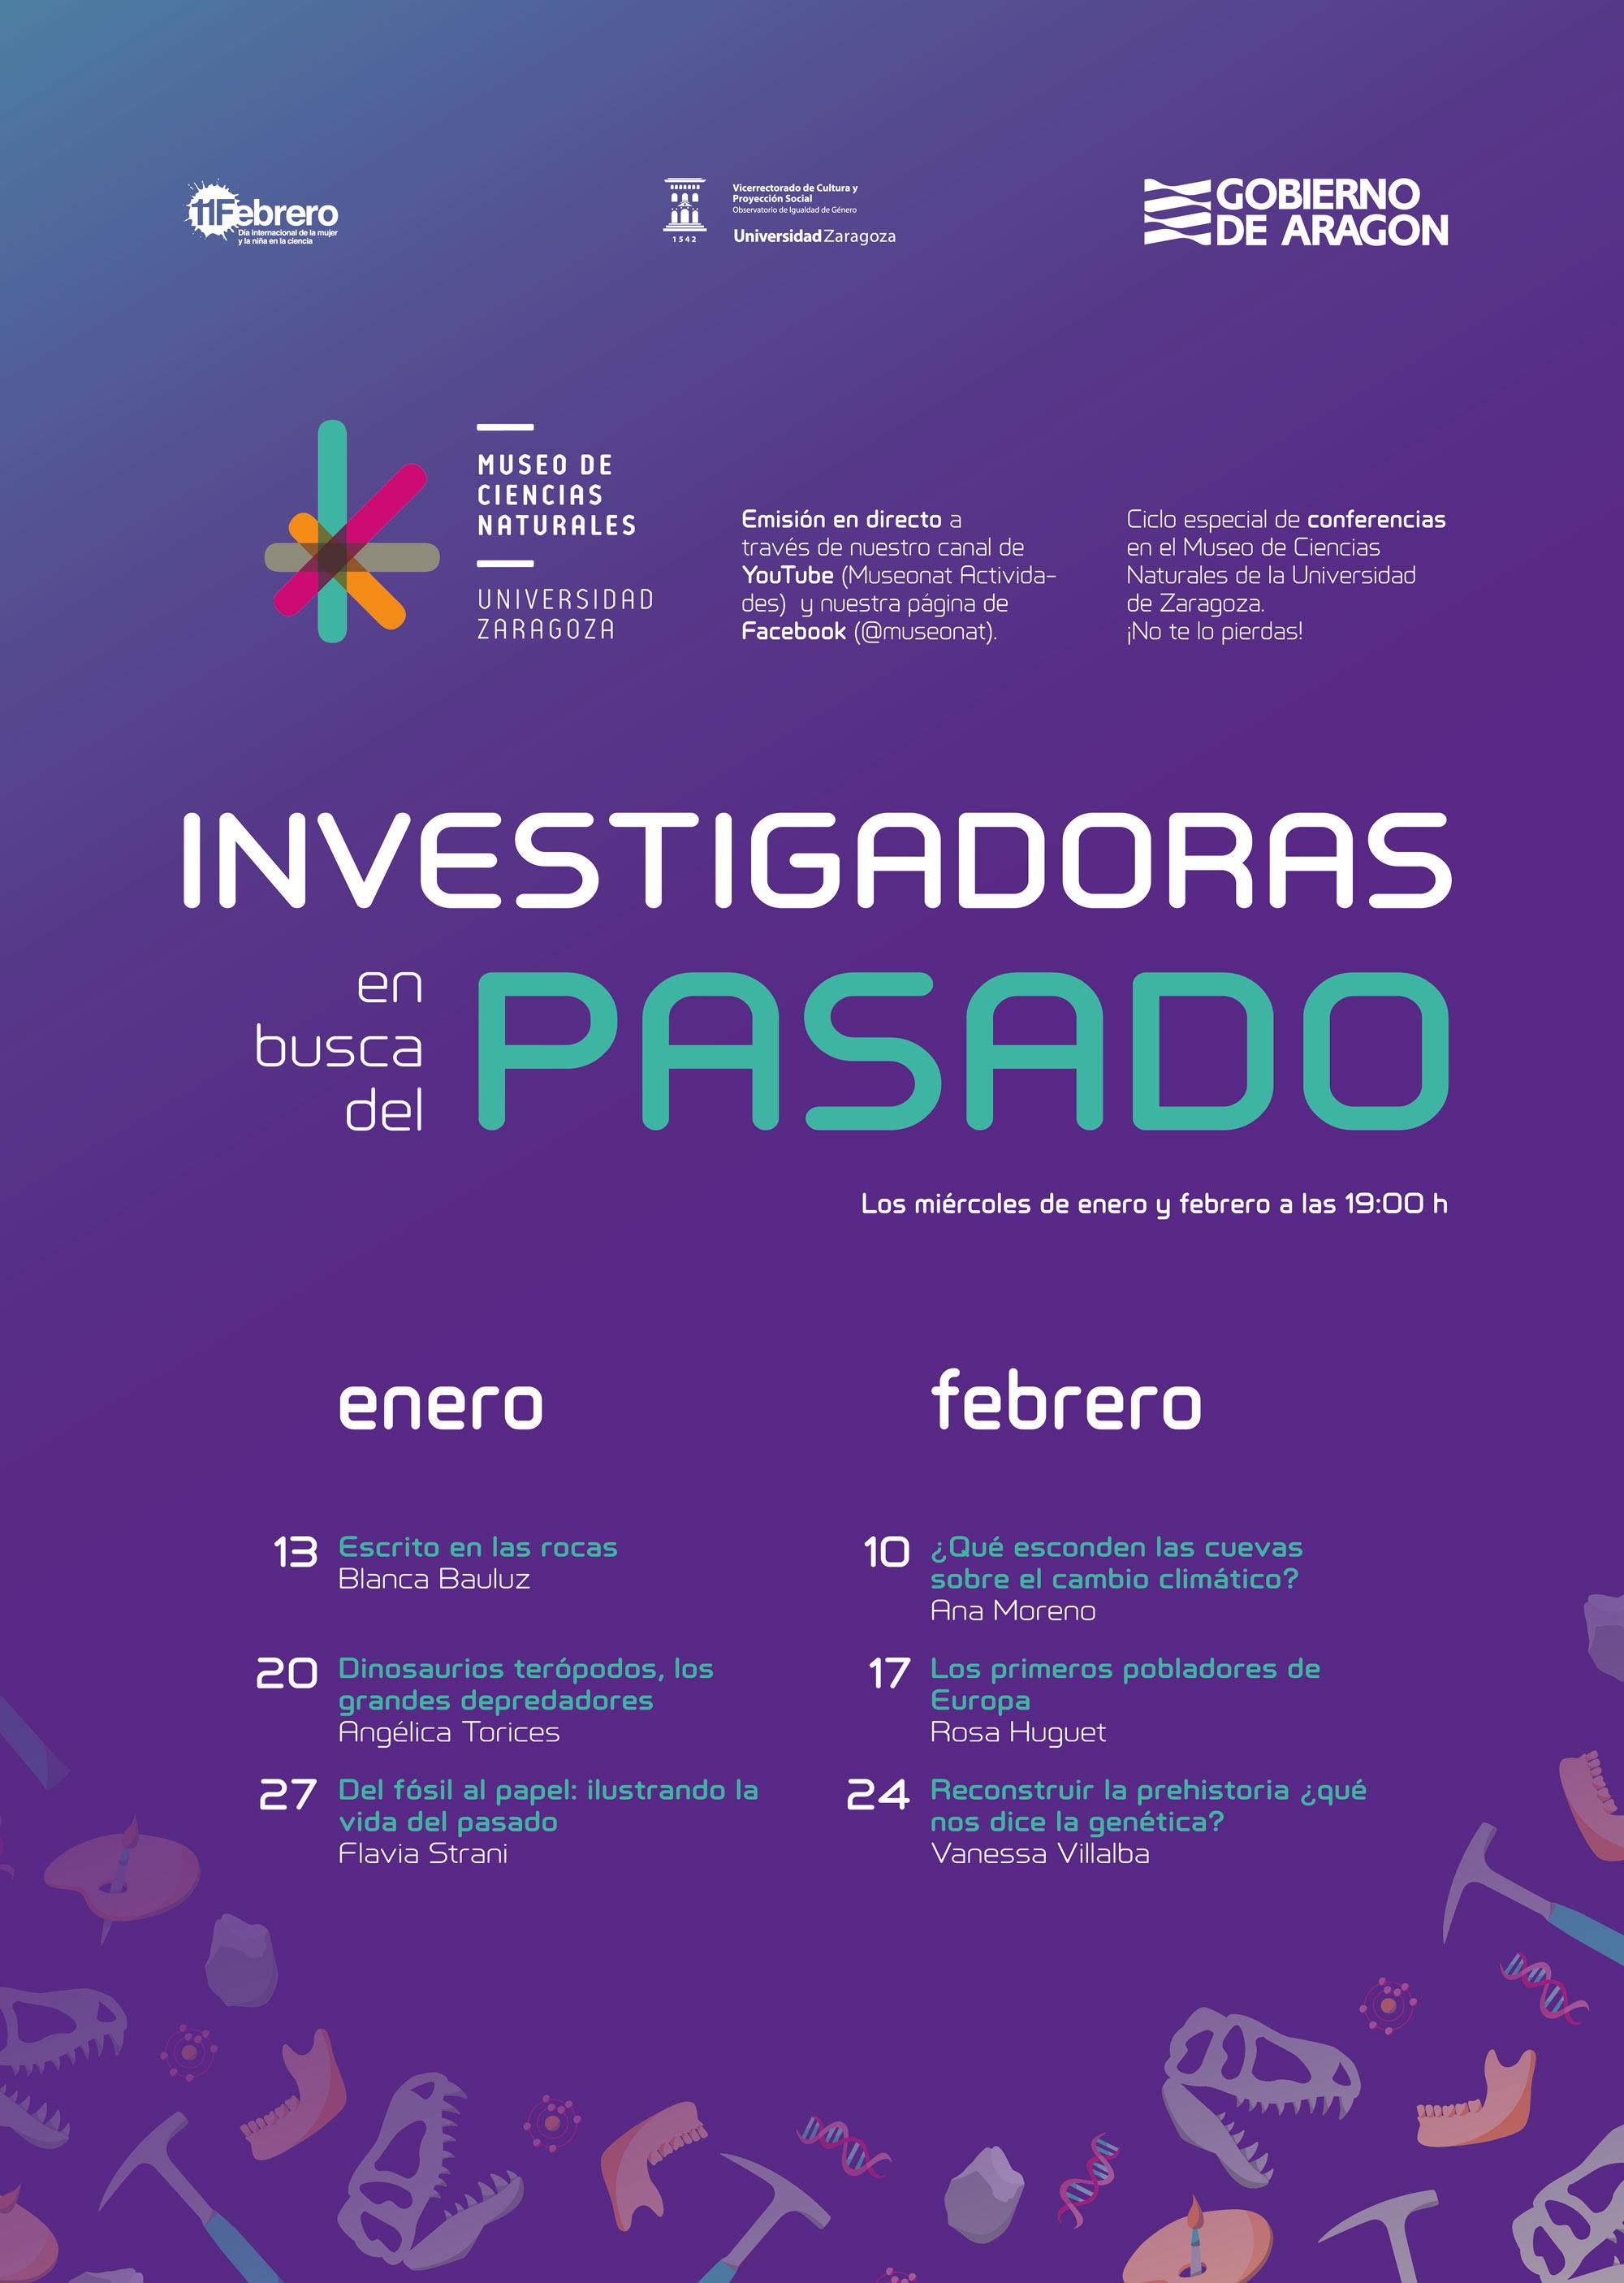 Investigadoras en busca del pasado, ciclo especial de conferencias